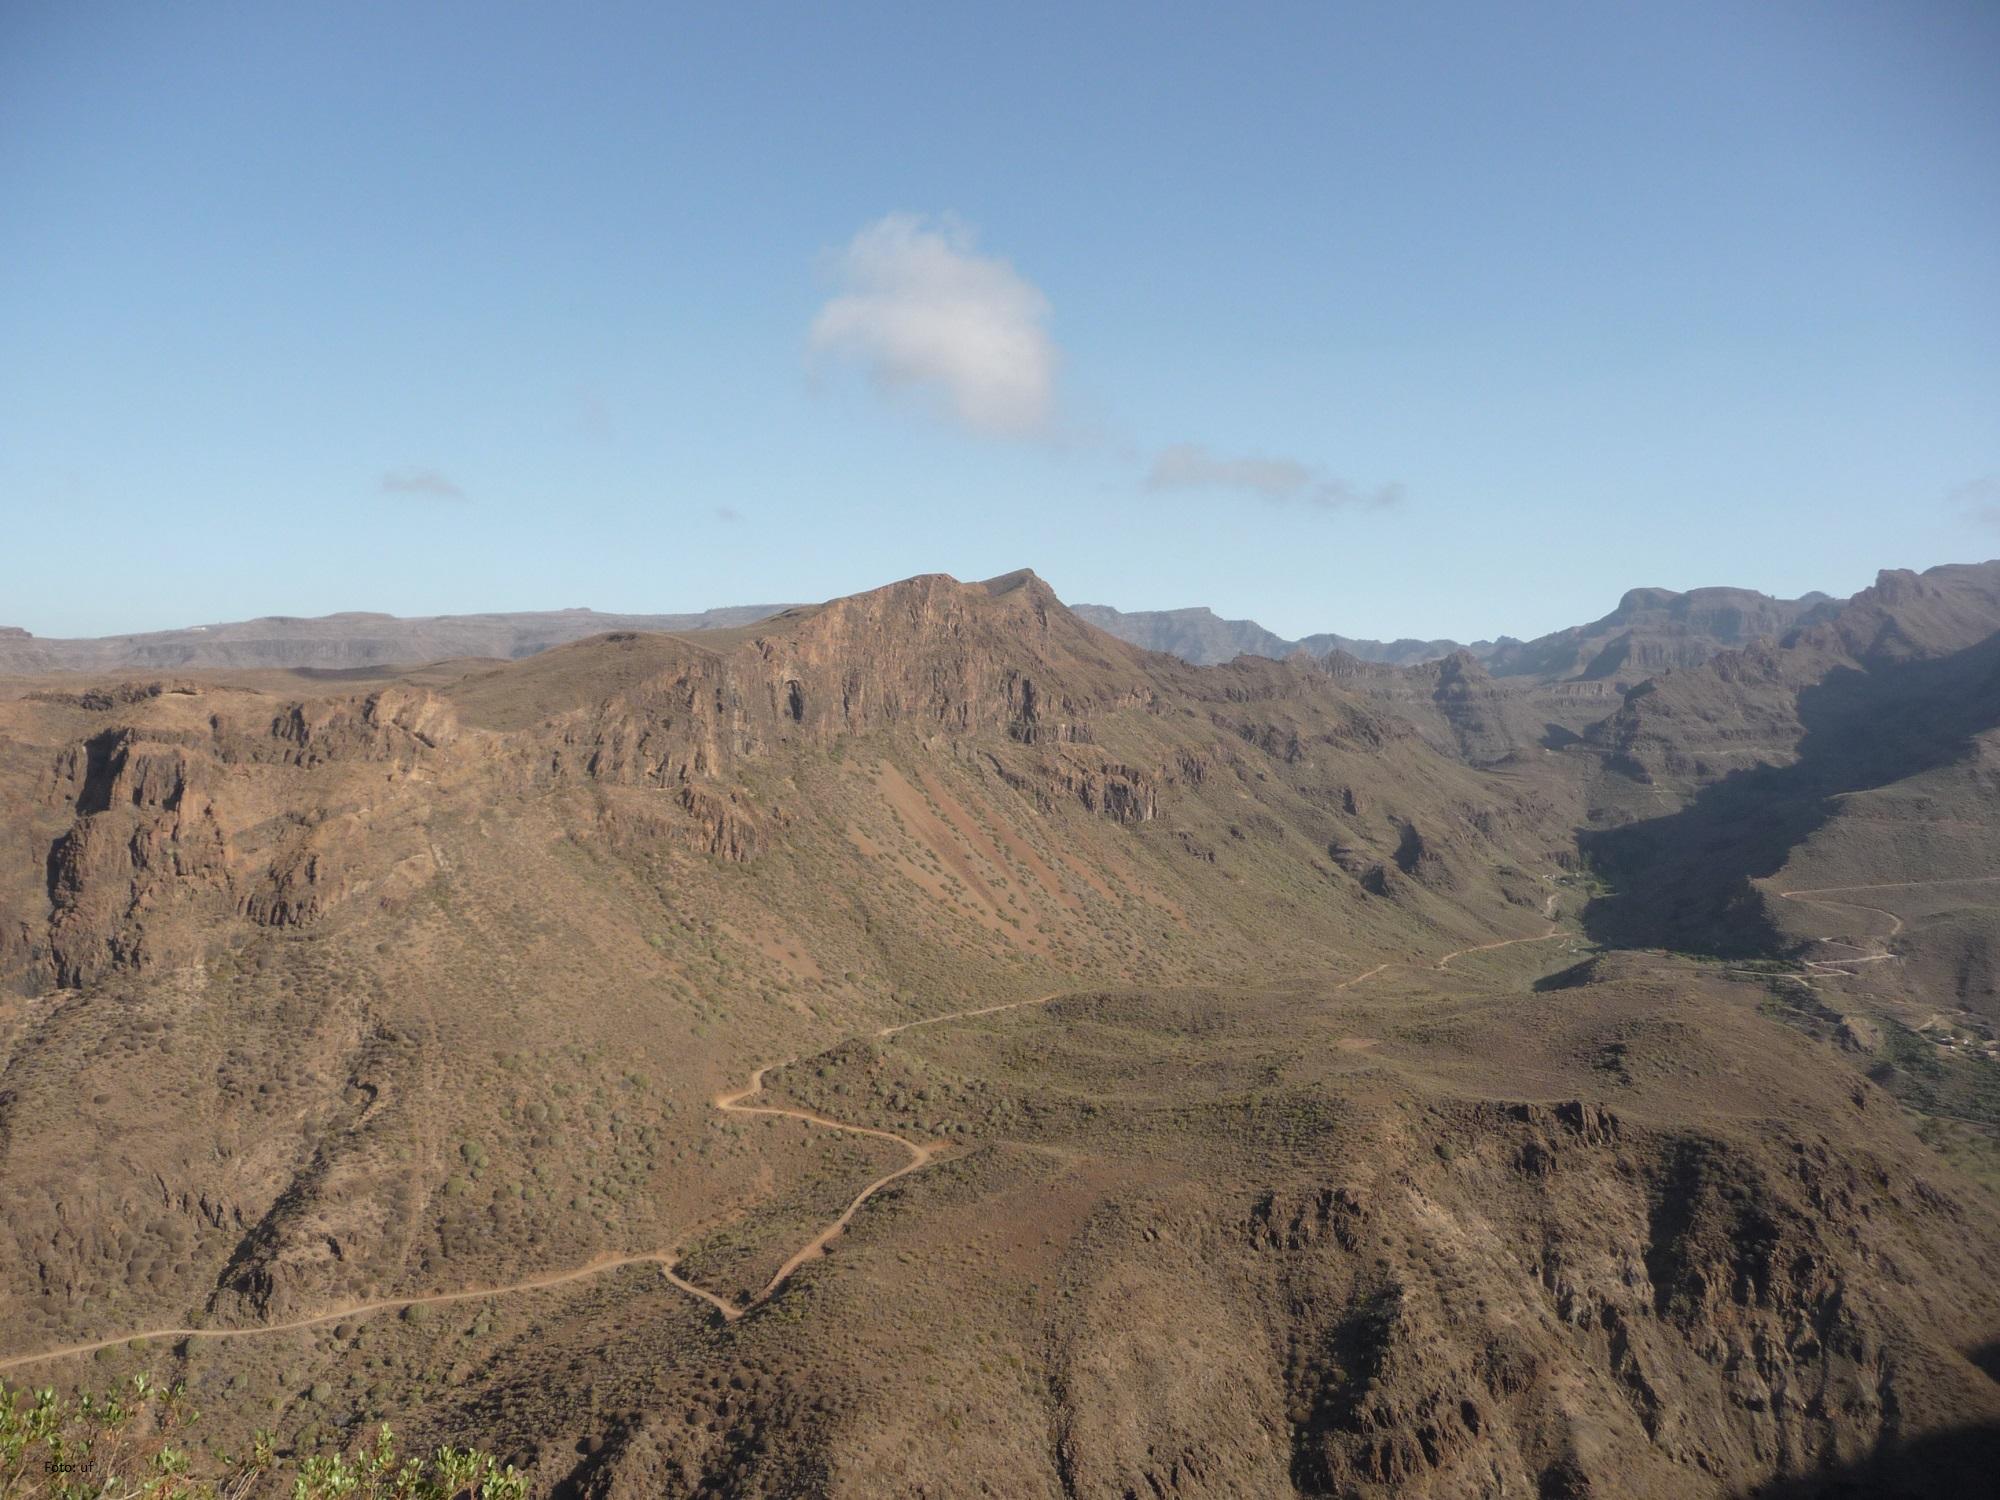 Gran Canaria - vulkanischen Ursprungs, ca. 4,1 Mio. Jahre alt